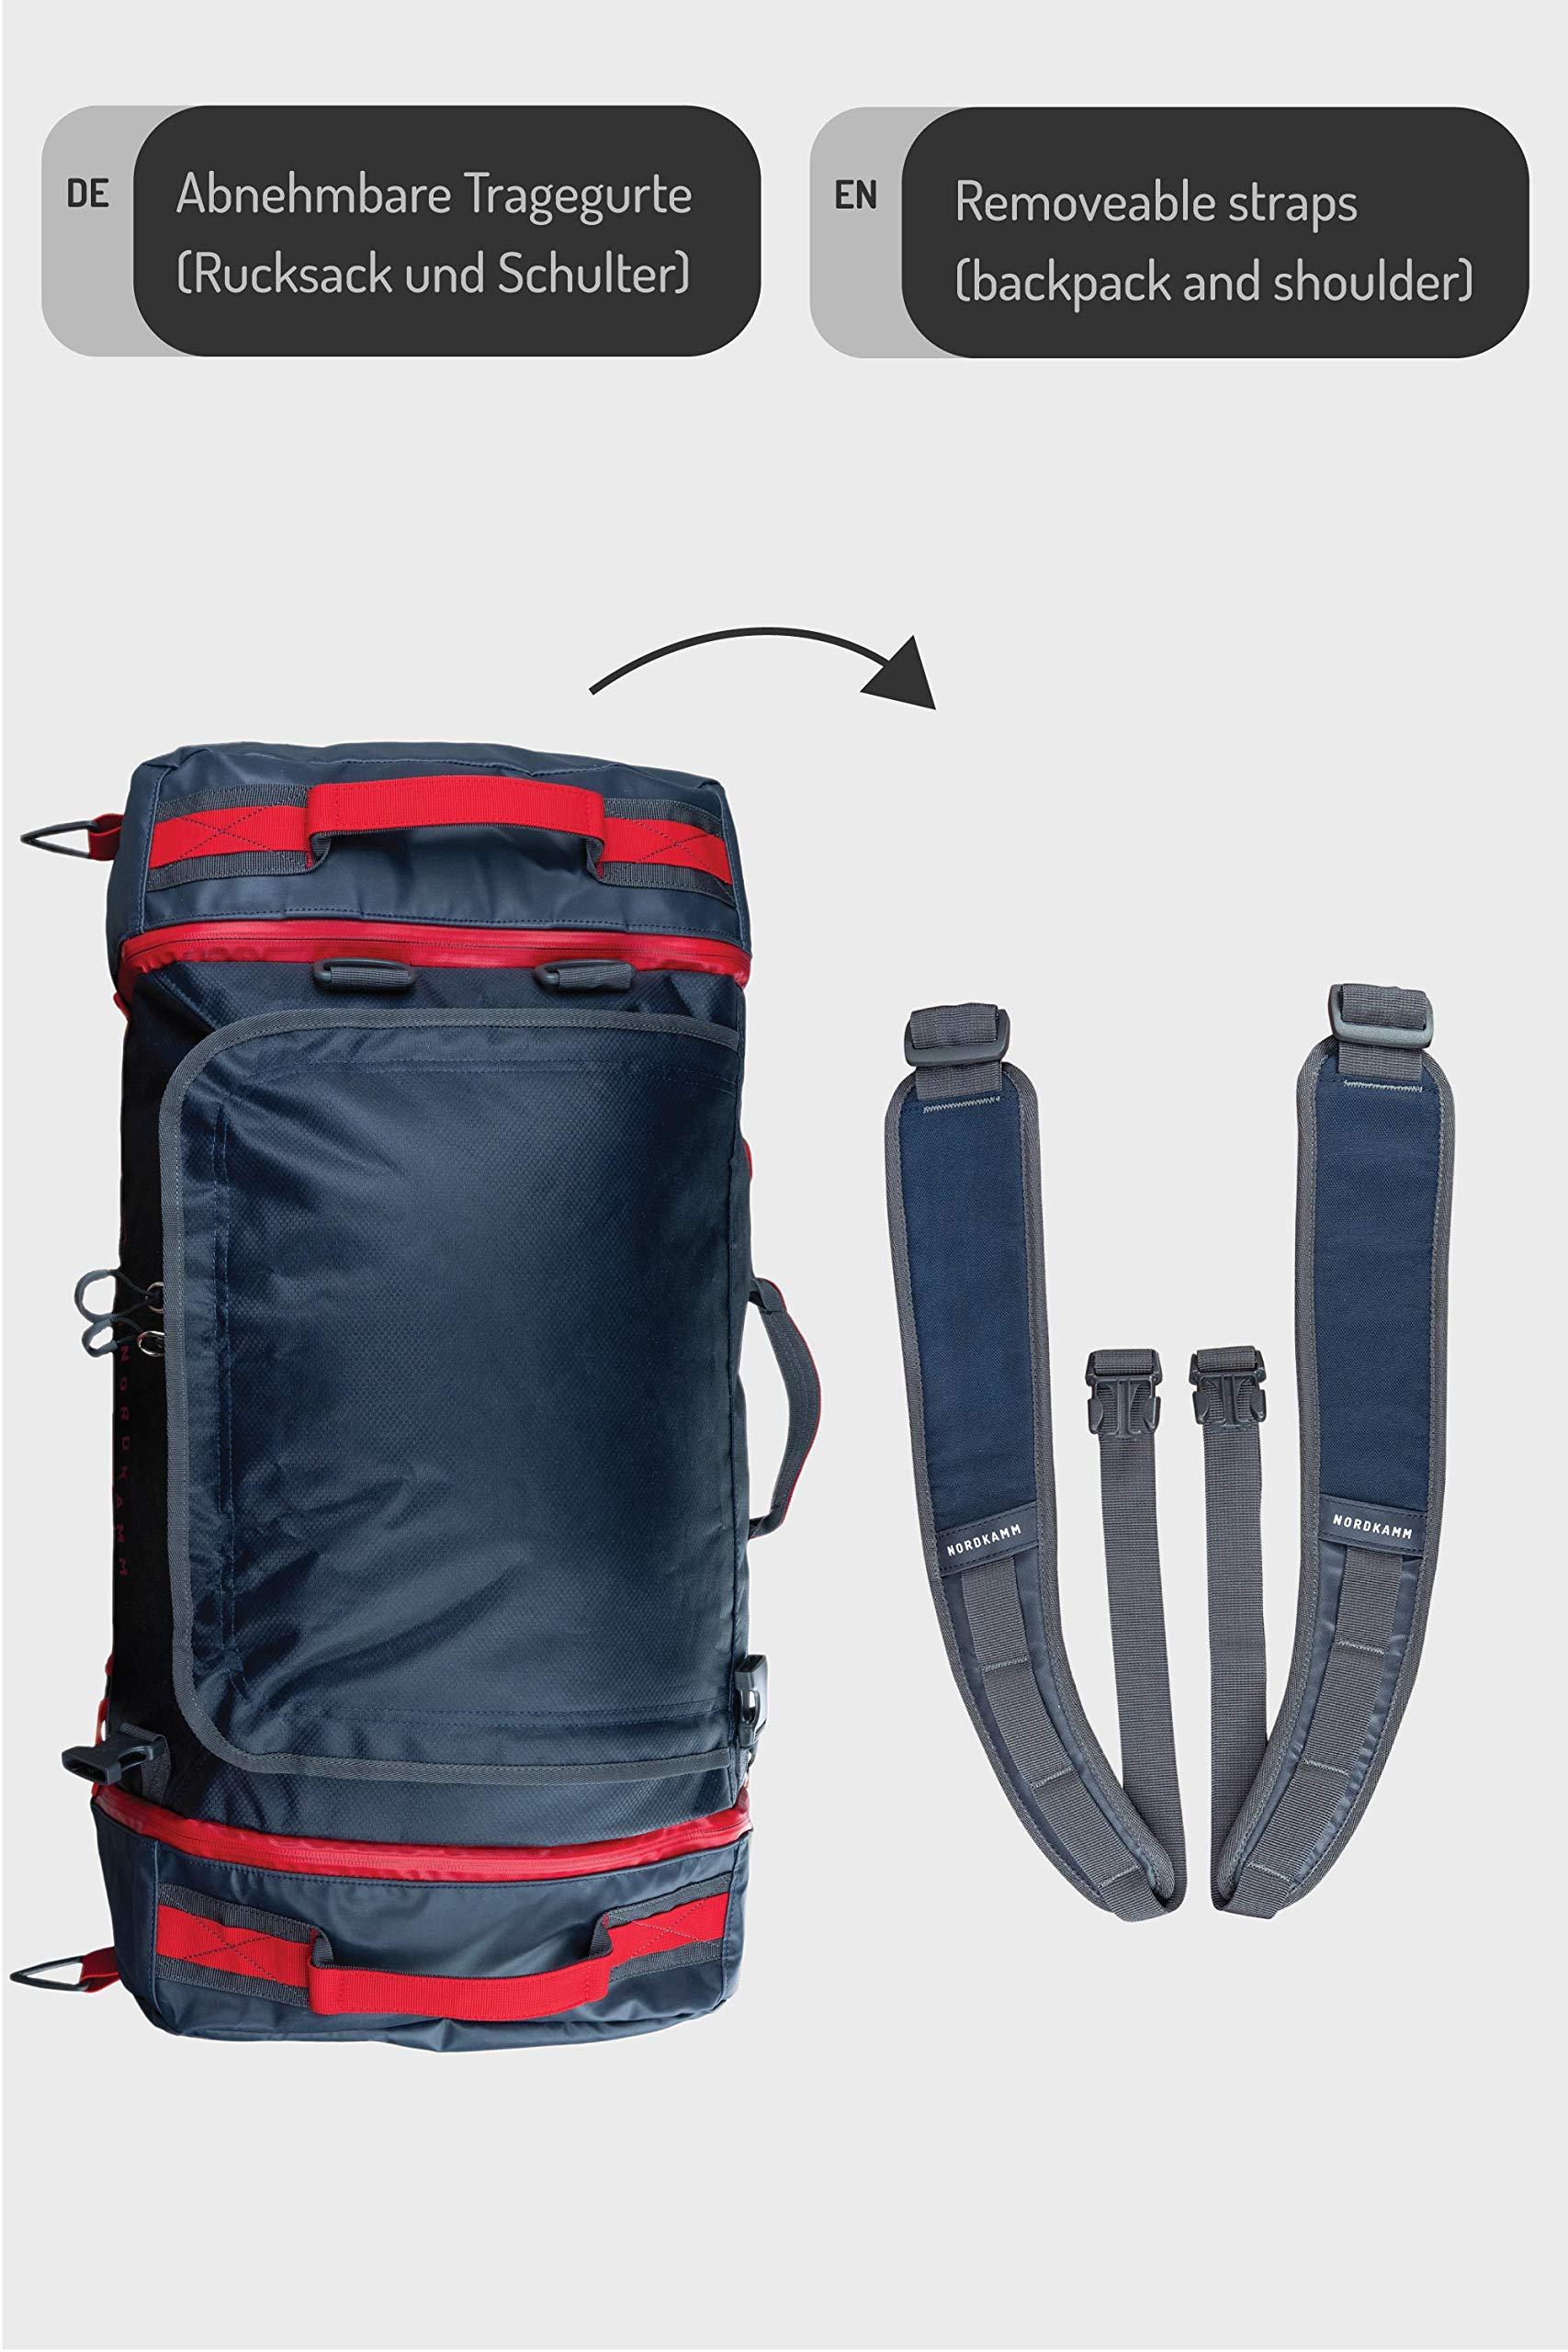 NORDKAMM-Reisetasche-60l-mit-Rucksack-Funktion-Duffle-Bag-Sporttasche-blau-faltbar-gro-fr-Damen-und-Herren-als-Rucksack-verwendbar